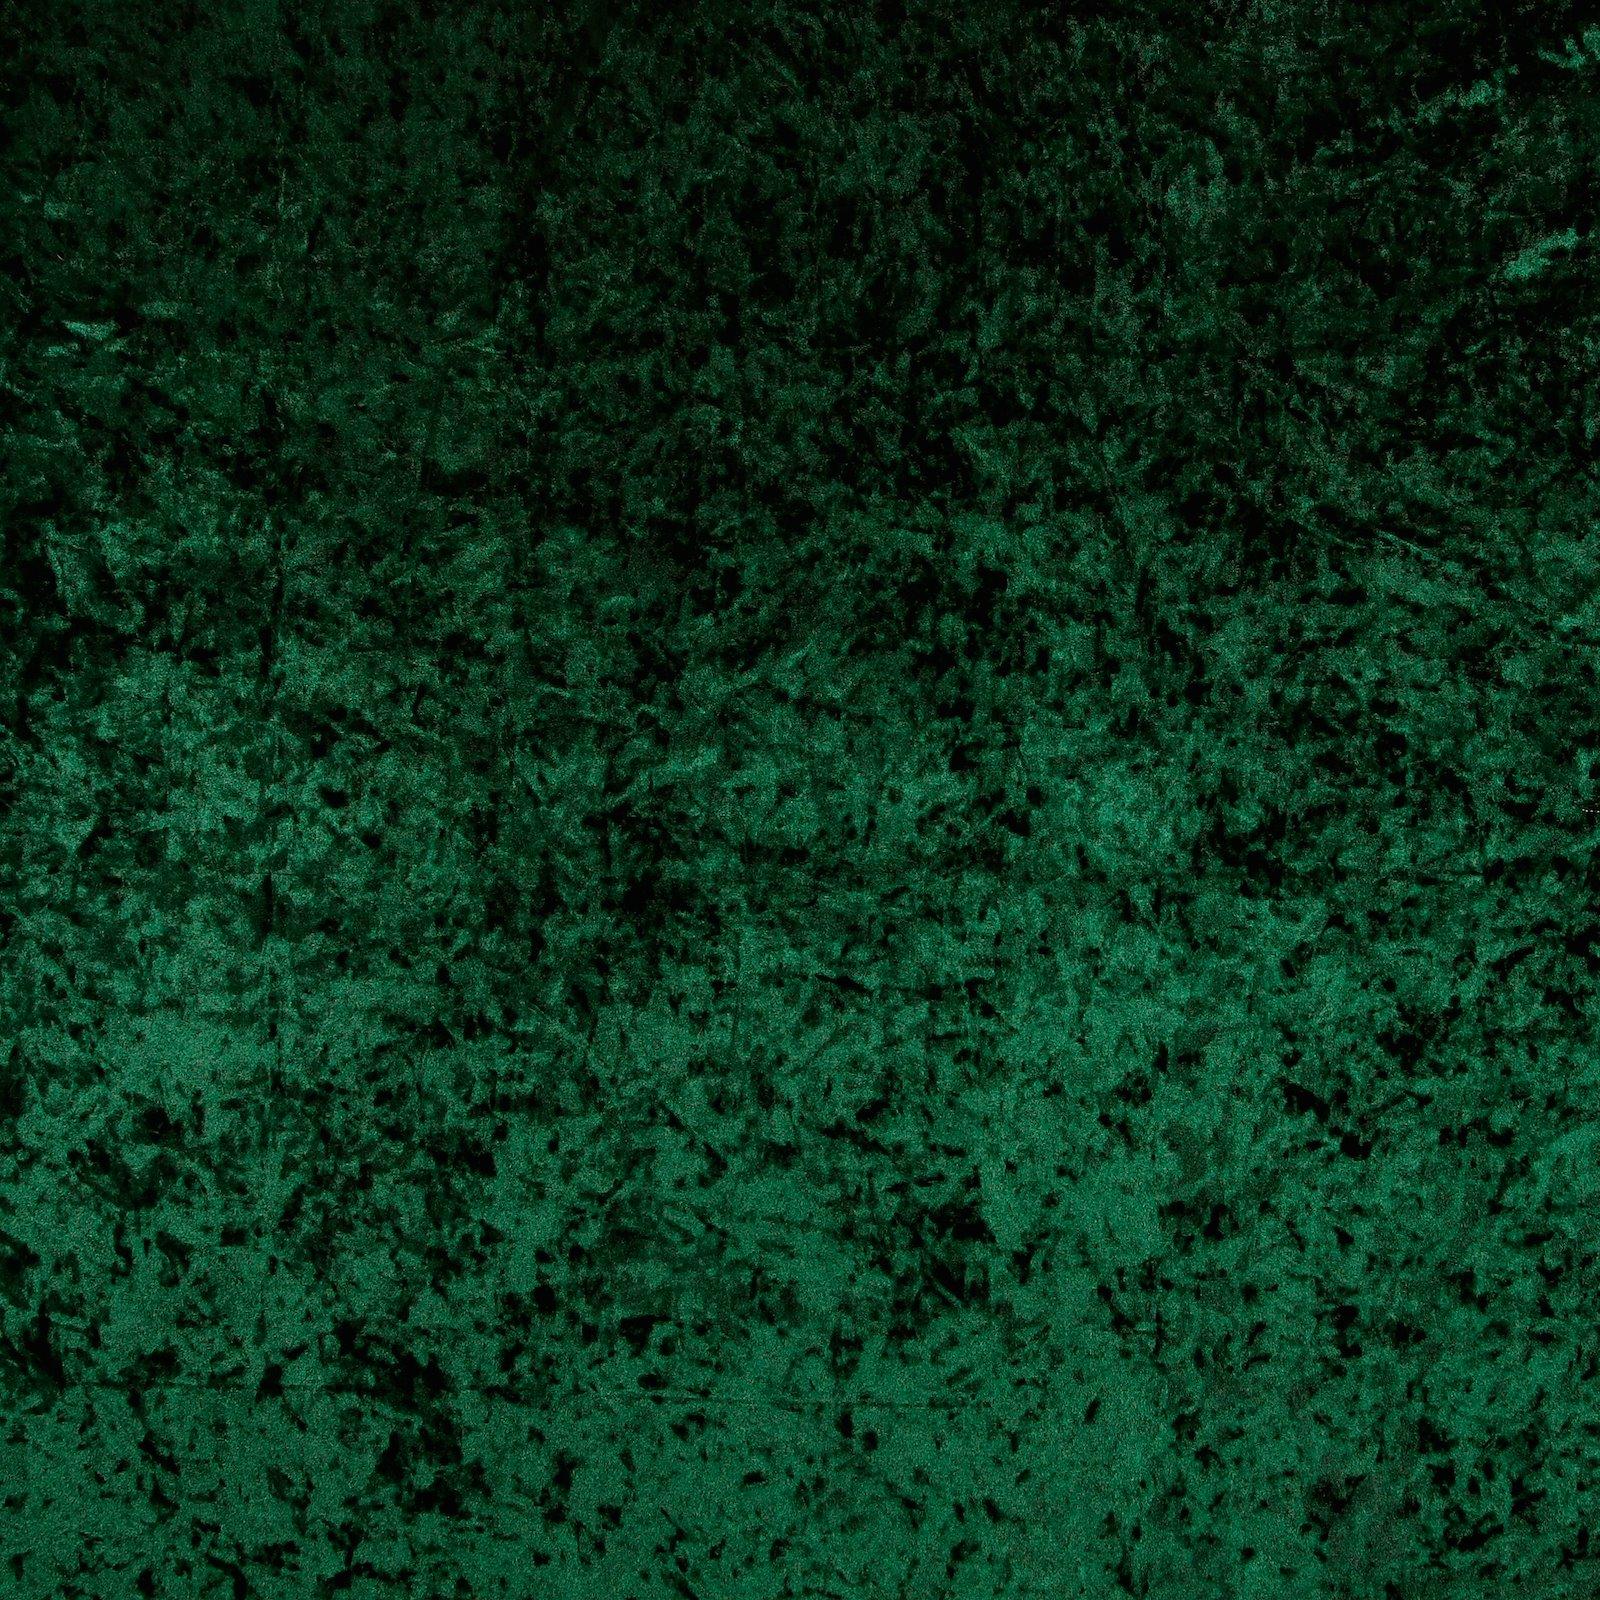 Shiny str velvet w structure bottlegreen 250678_pack_solid